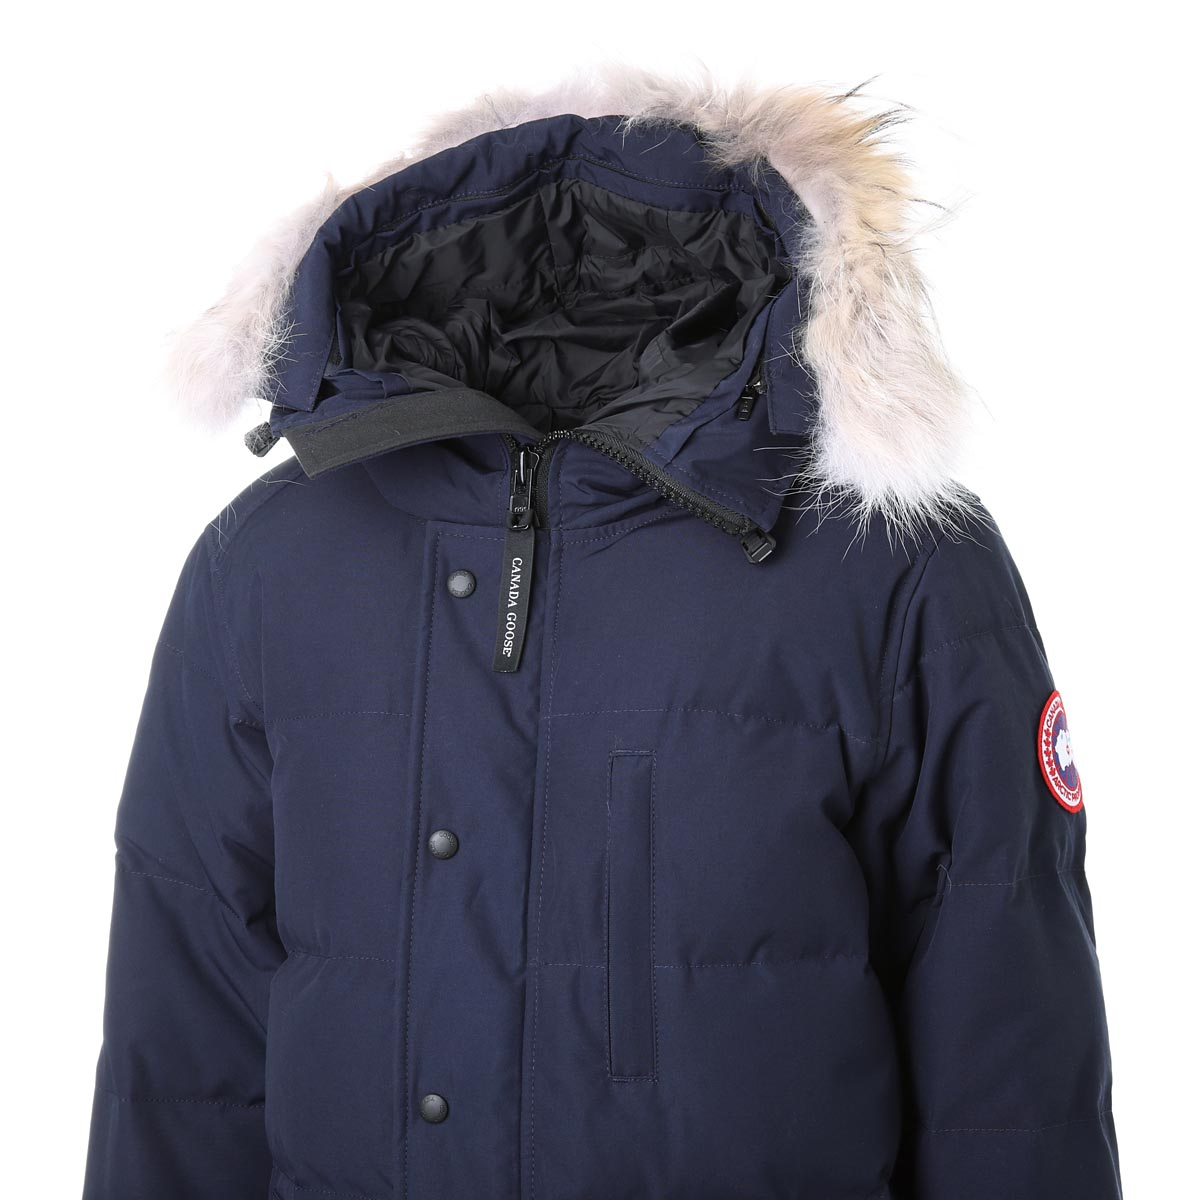 CANADA GOOSE カナダグース フーデッド ダウンジャケット/MENS CARSON PARKA カーソンパーカ メンズ